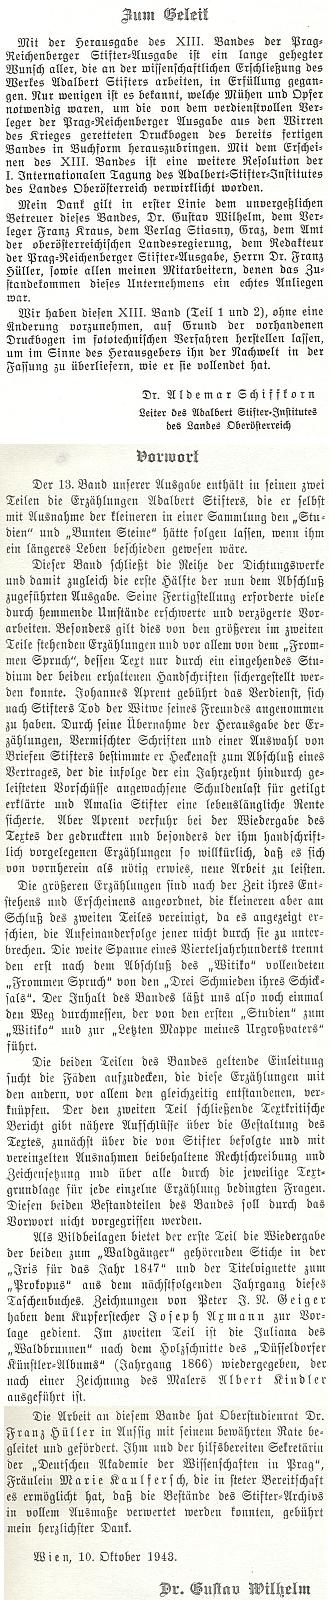 """Úvod Dr. Aldemara Schiffkorna (1958) k opožděnému vydání 13. svazku """"pražsko-libereckého"""" vydání Stifterova díla, k němuž Gustav Wilhelm napsal předmluvu už v říjnu válečného roku 1943"""